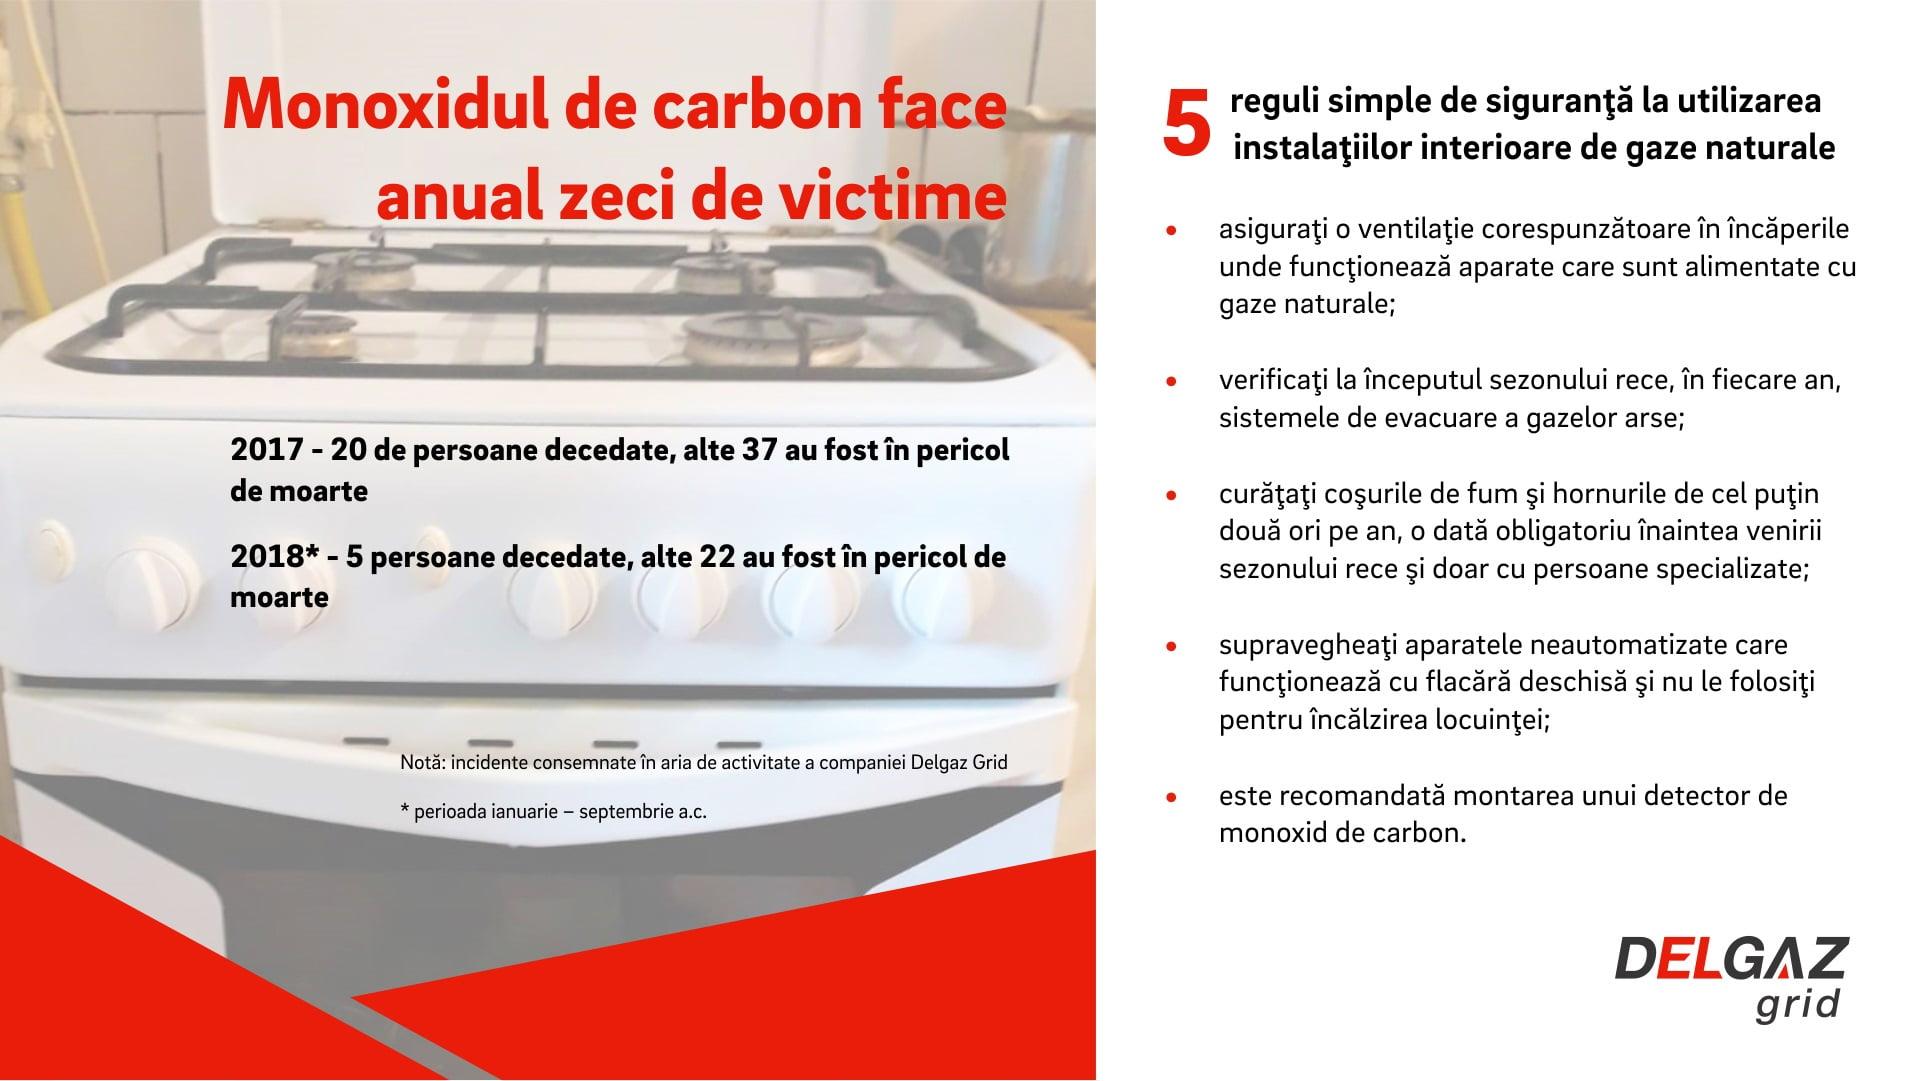 Monoxidul de carbon face anual zeci de victime. Cinci sfaturi simple care vă pot feri de tragedii